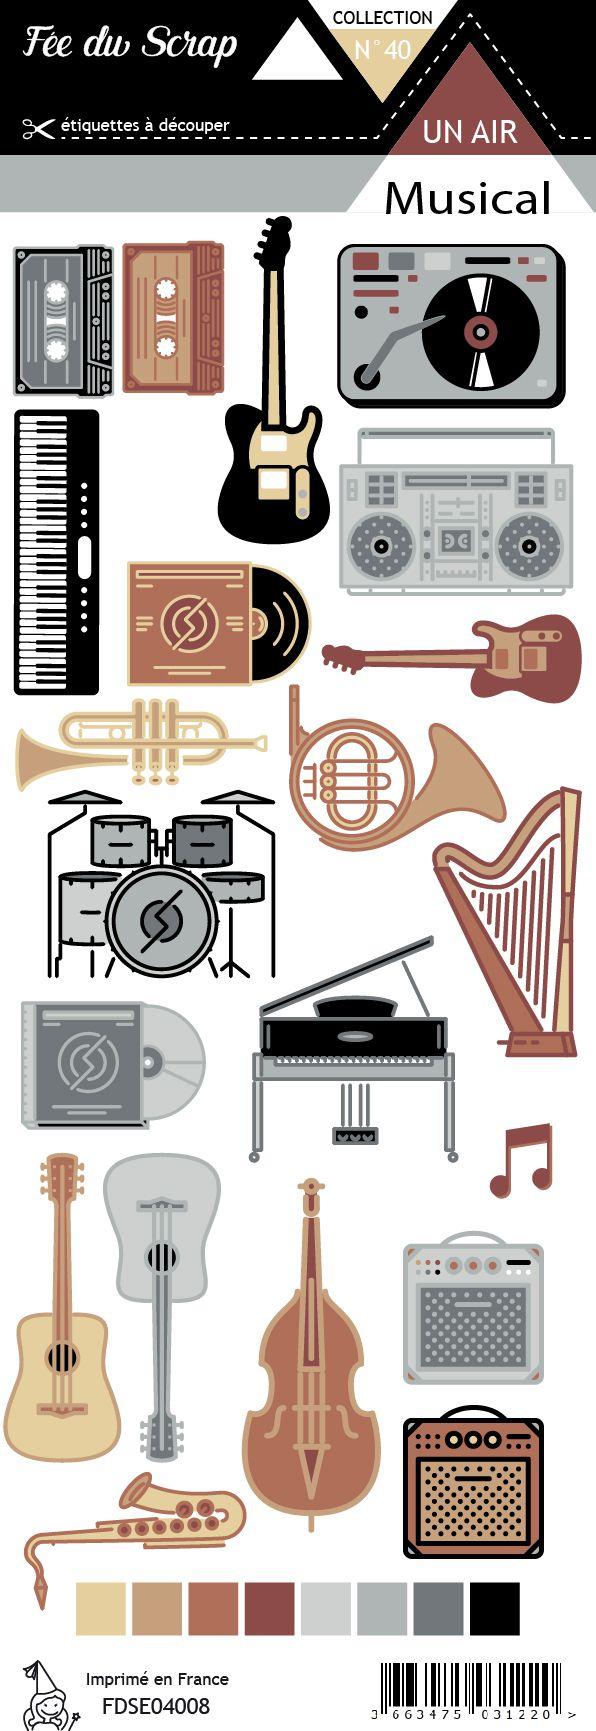 Etiquette un air musical - Instruments de musique